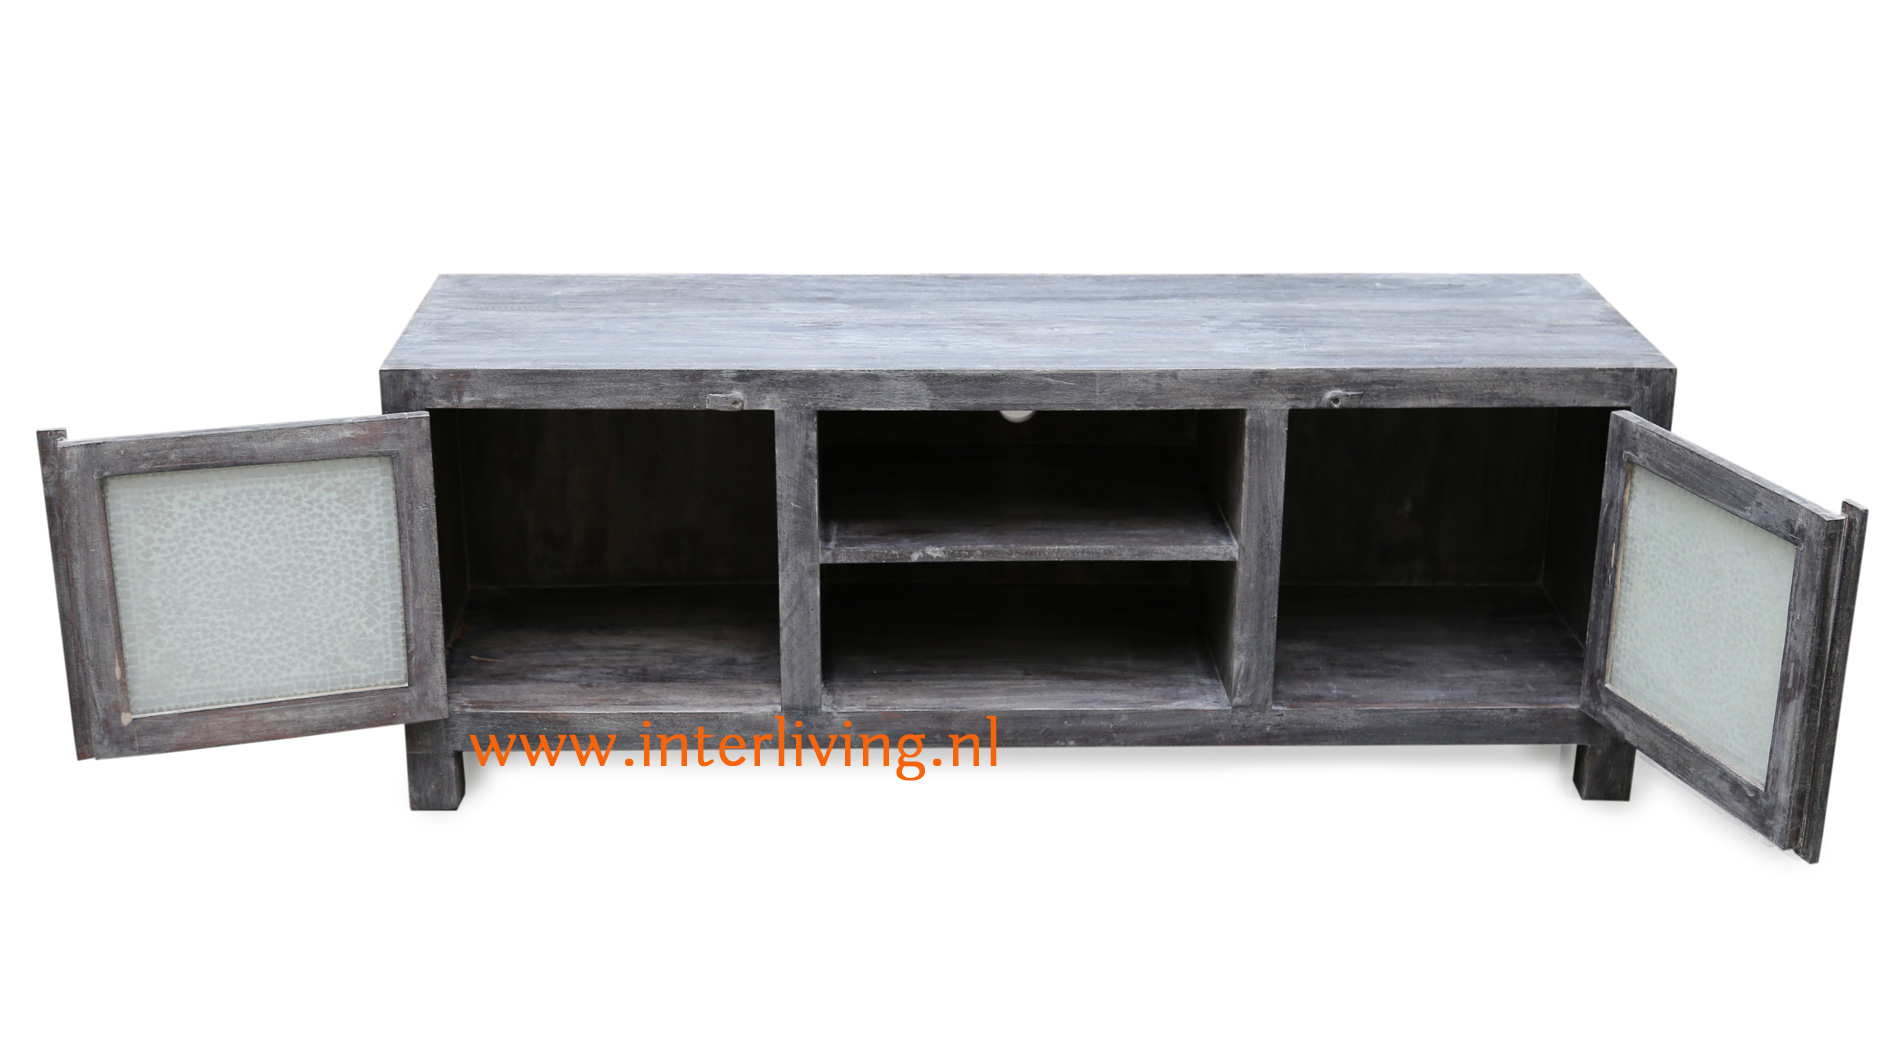 industrieel - basic boho - Scandinavische dressoir voor stoer en landelijke wonen - sober tvmeubel met extra opberg ruimte in huis